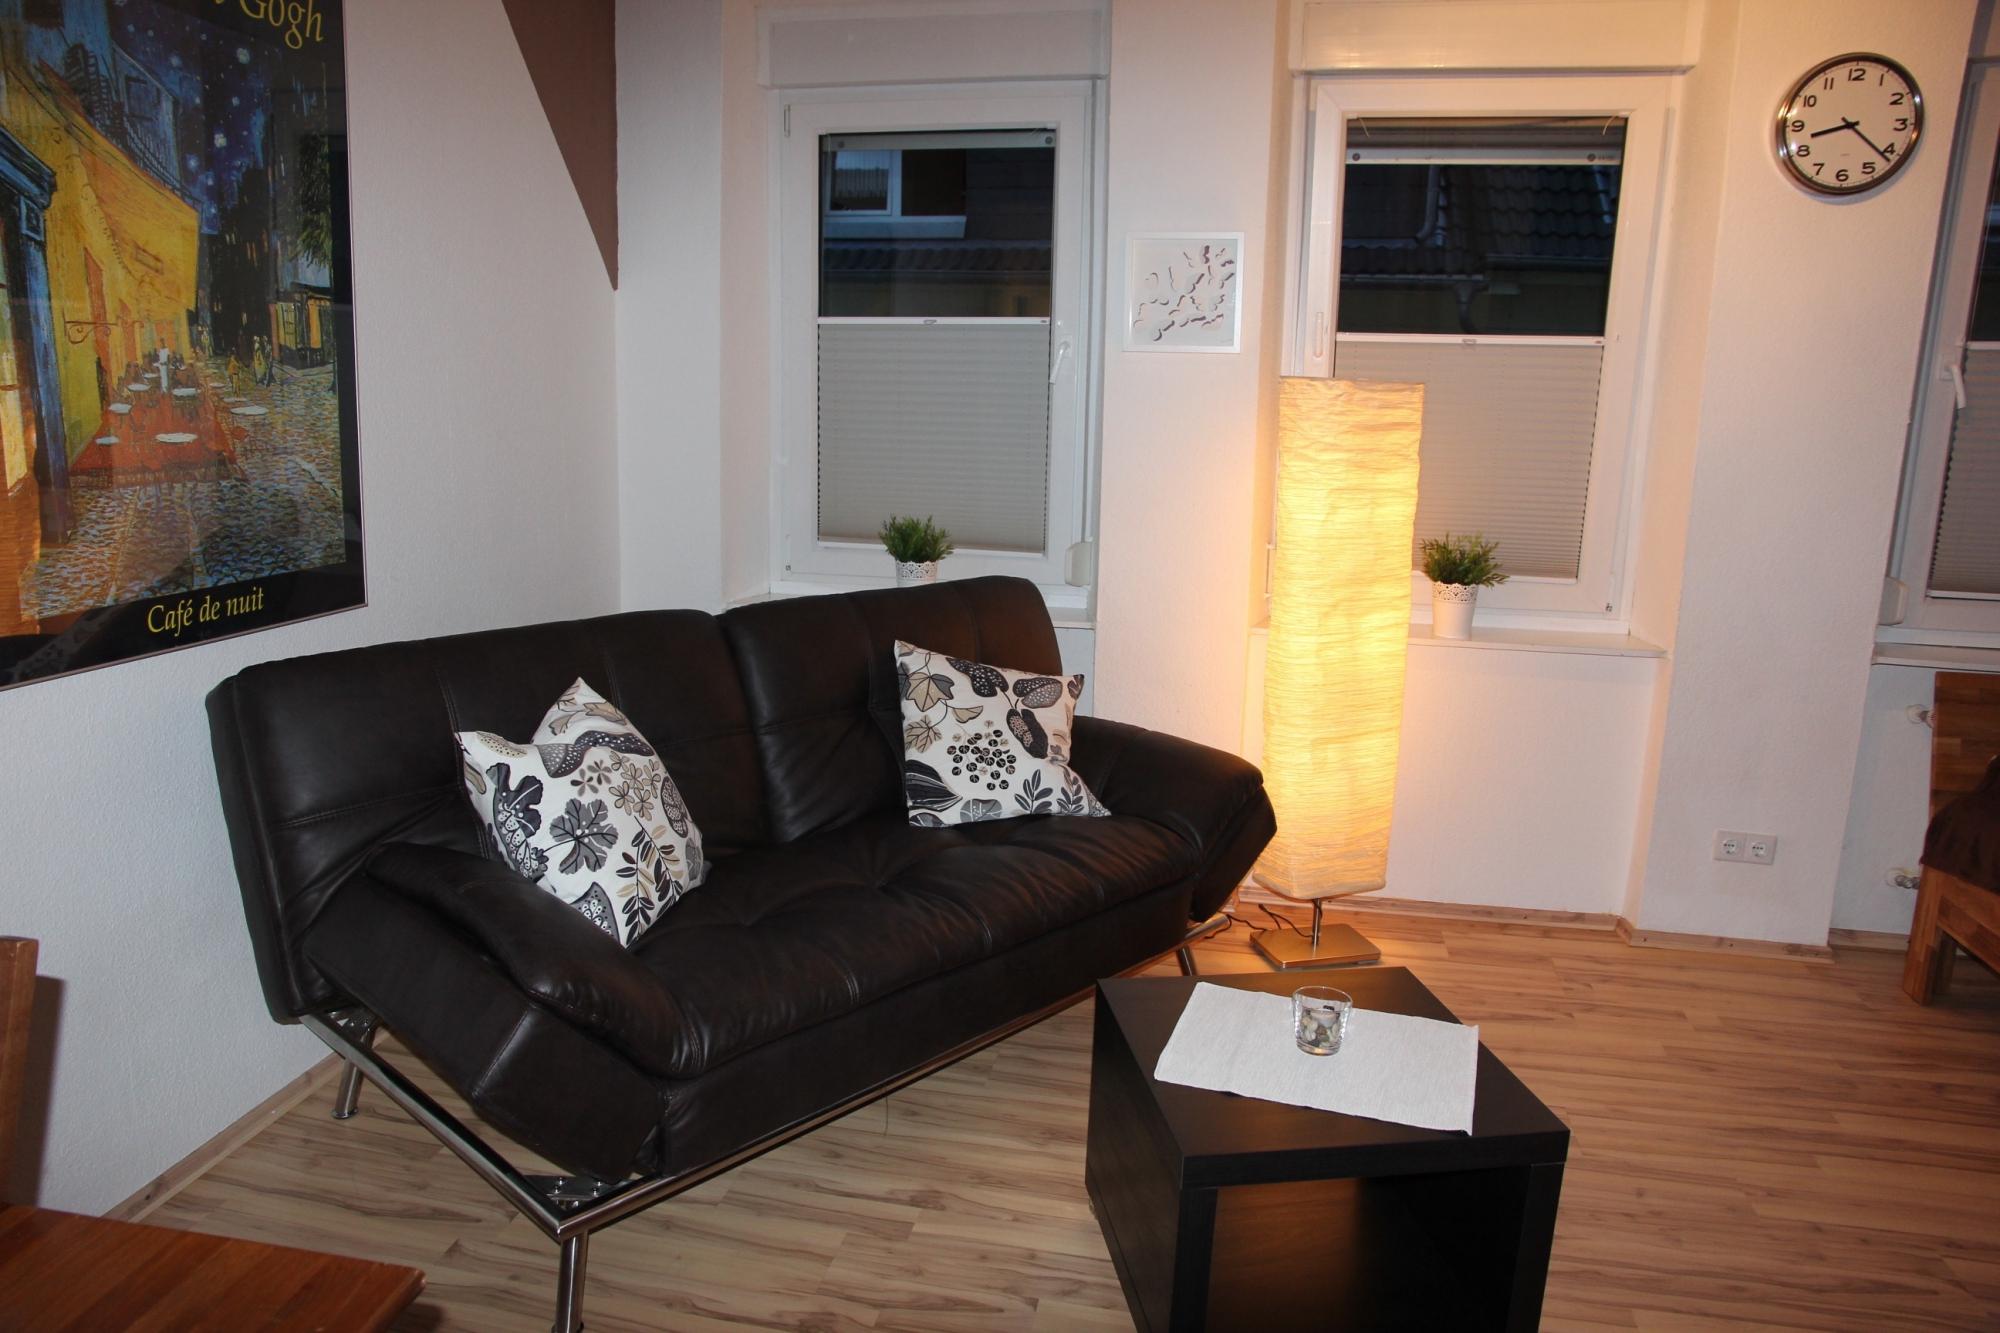 Apartment Bendorf – Wohnbereich:2